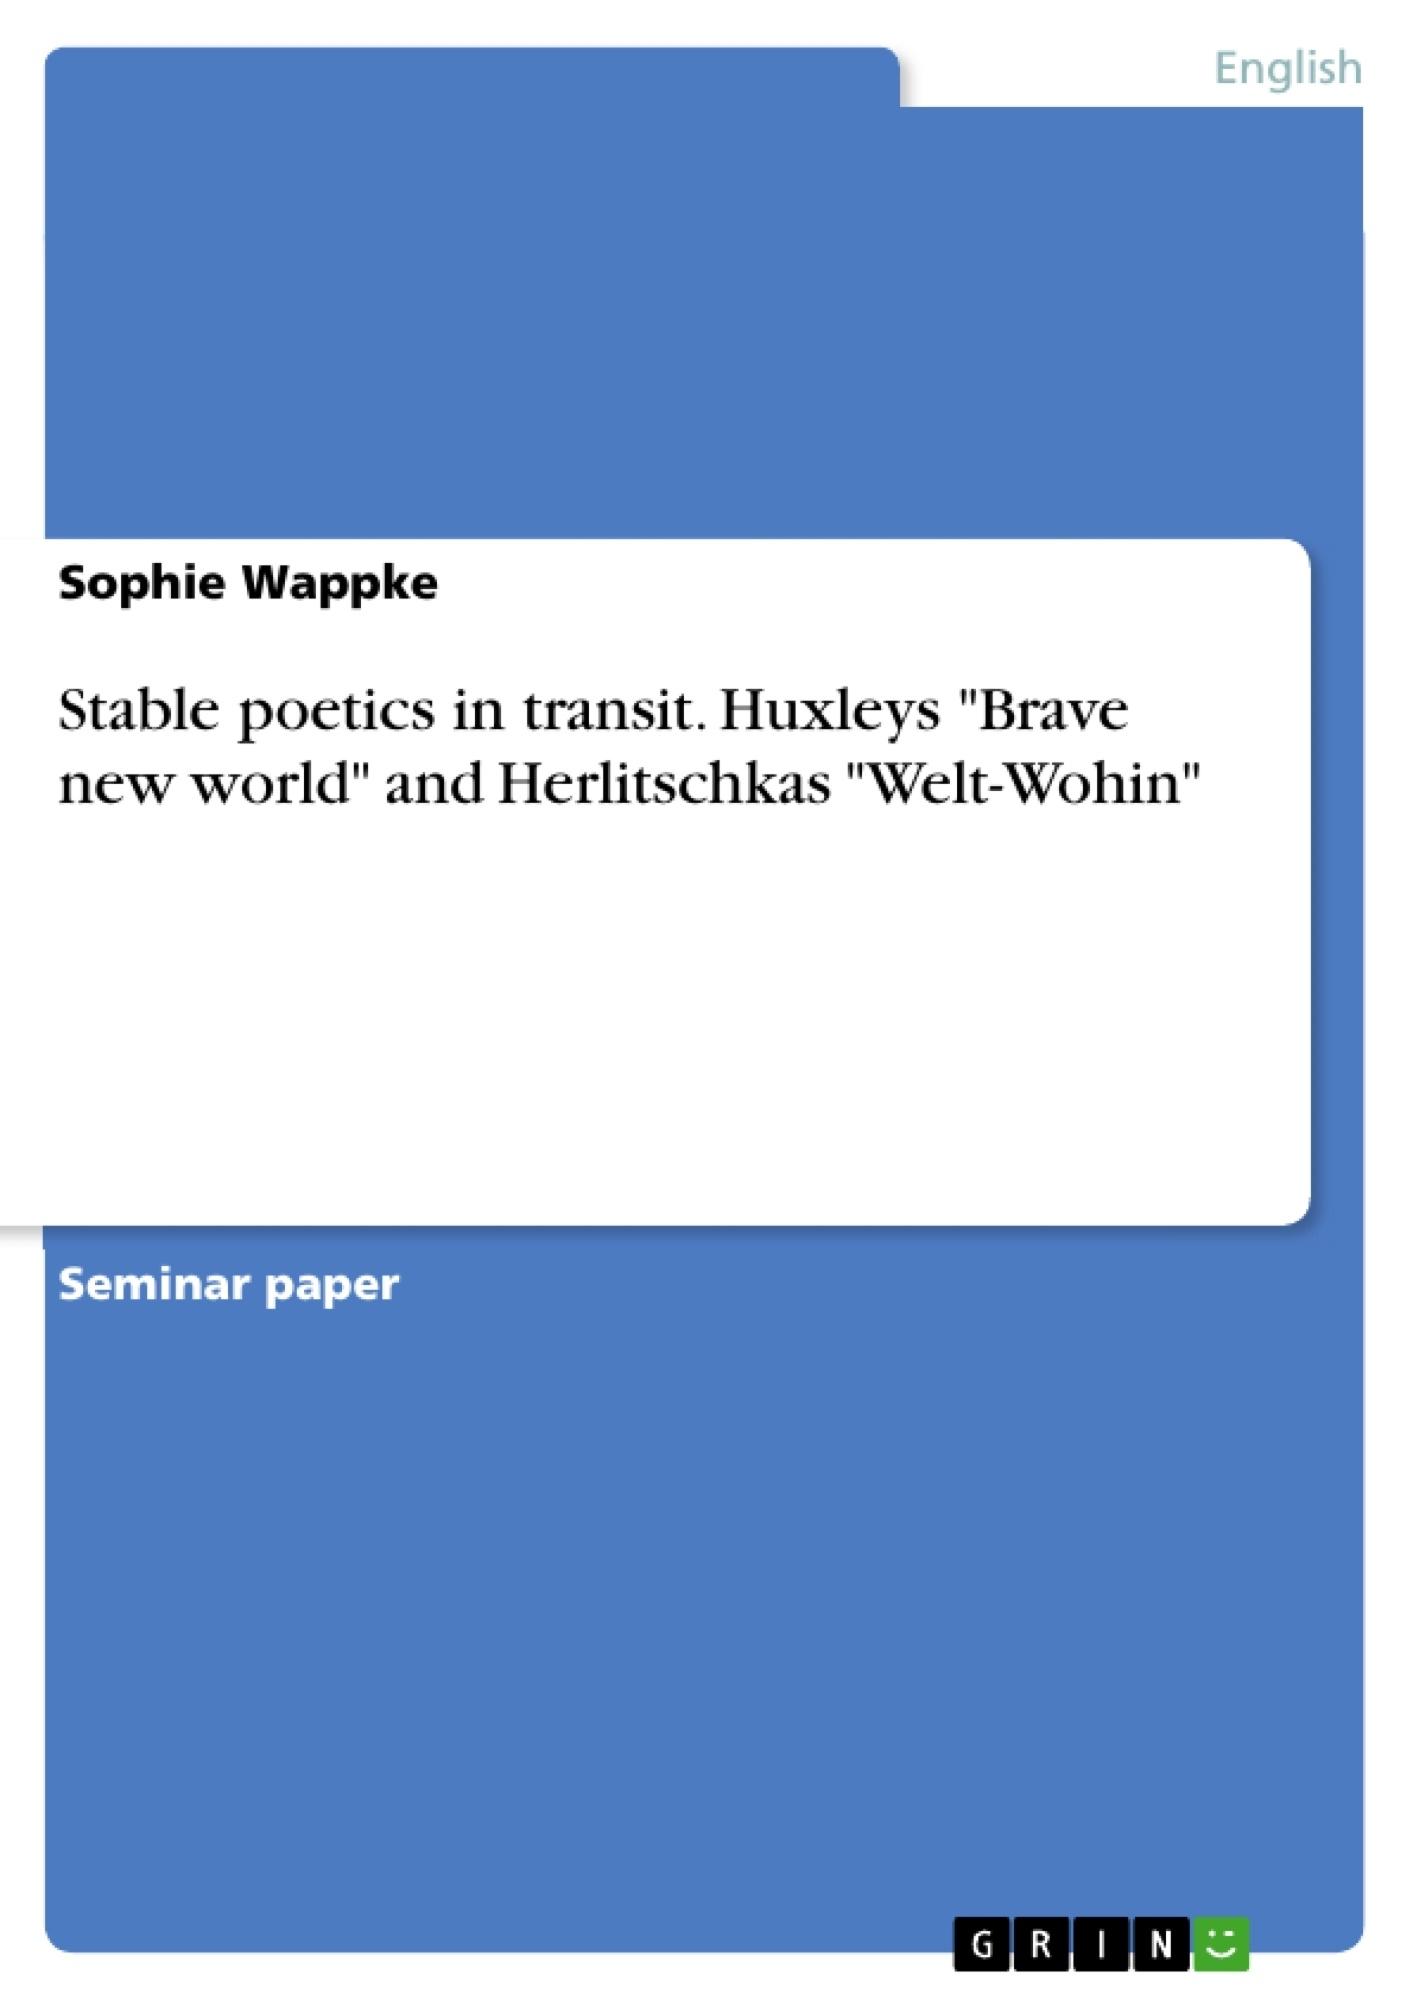 """Title: Stable poetics in transit. Huxleys """"Brave new world"""" and Herlitschkas """"Welt-Wohin"""""""